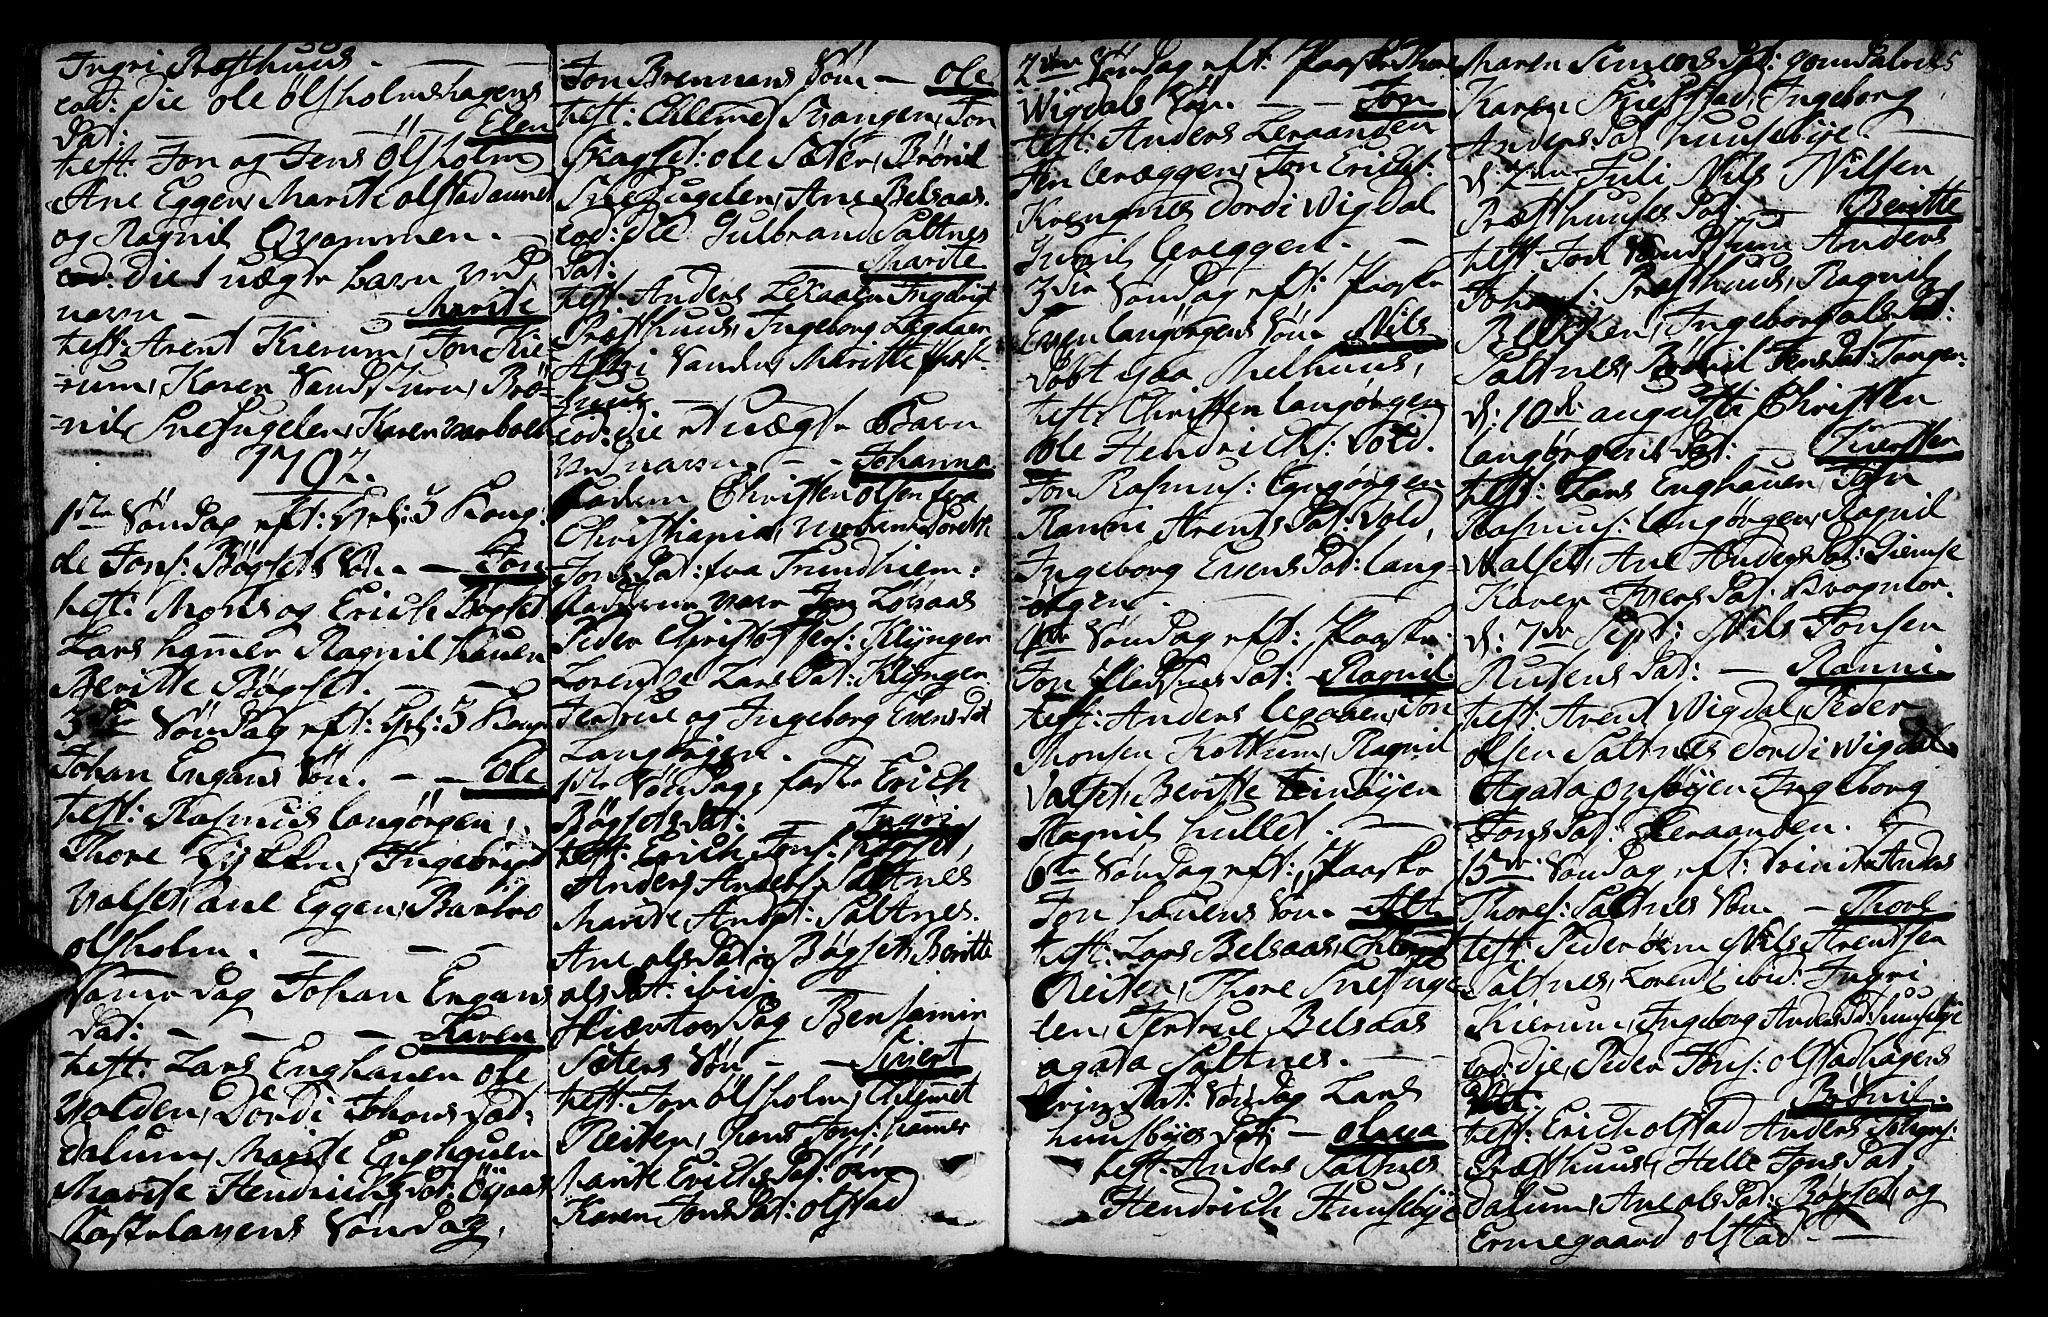 SAT, Ministerialprotokoller, klokkerbøker og fødselsregistre - Sør-Trøndelag, 666/L0784: Ministerialbok nr. 666A02, 1754-1802, s. 85